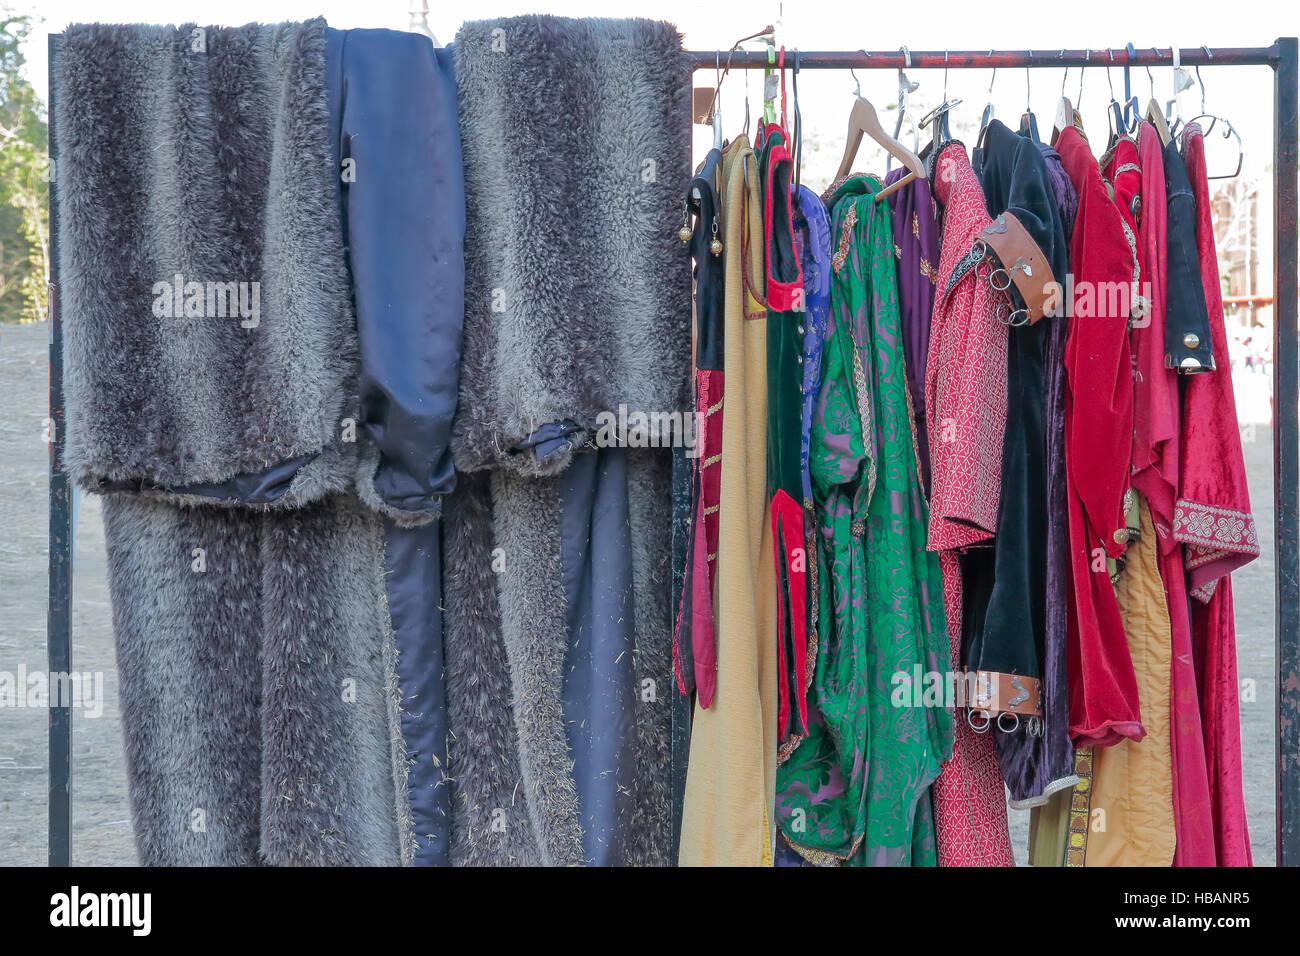 A Arte da Guerra dos 777 Ronins - Neko - Página 12 Horizontal-view-of-a-coat-rack-with-some-clothes-and-medieval-dresses-HBANR5